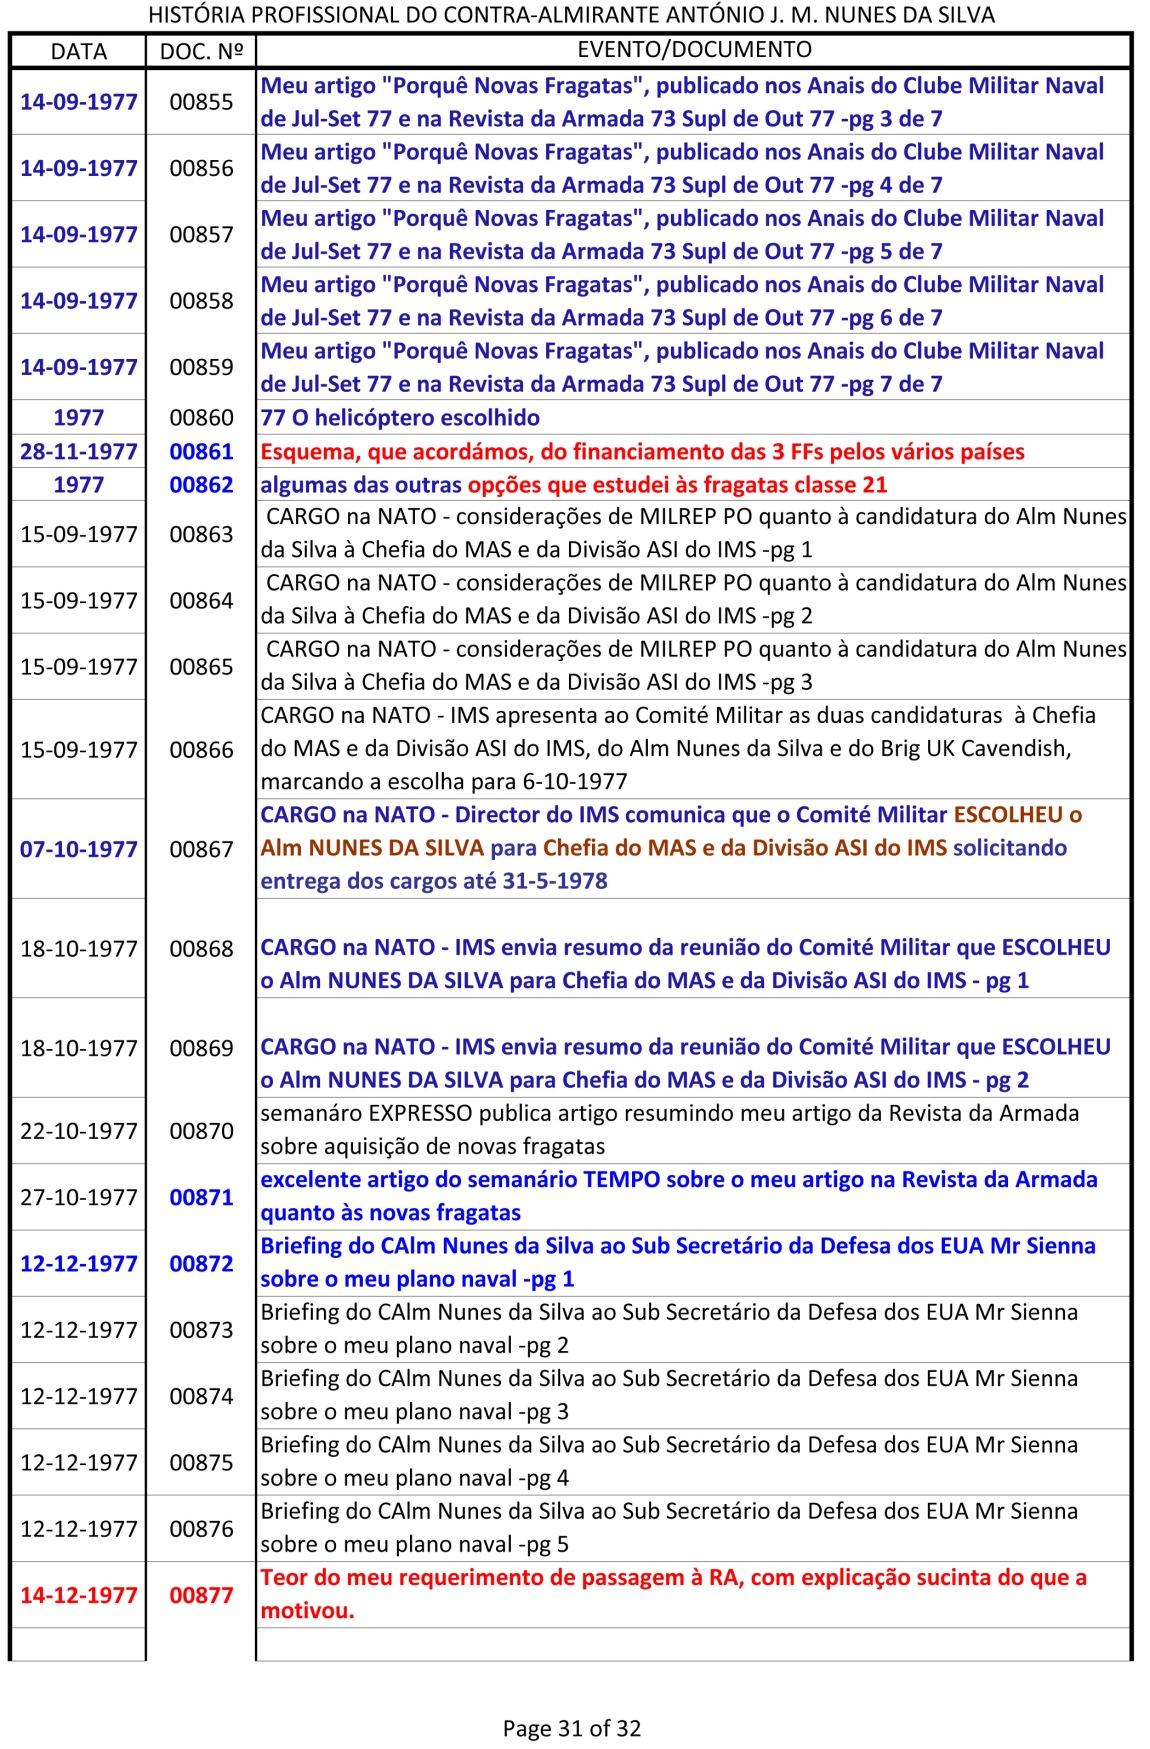 Índice dos documentos da História Profissional do CAlm Nunes da Silva -1943 a 1991-31